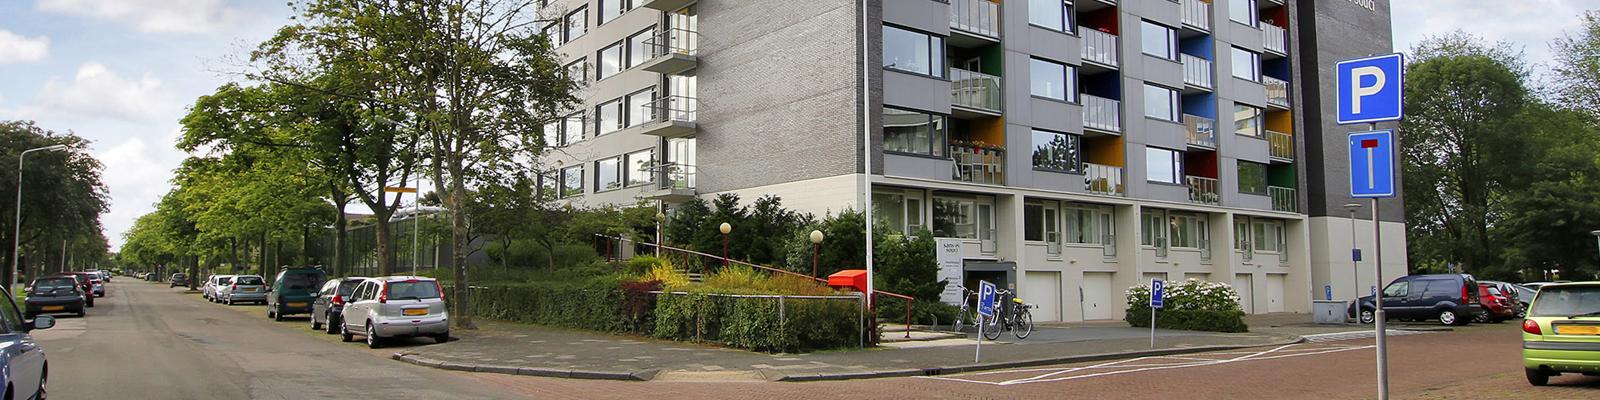 Het gebouw van Sans Souci ligt in een rustige wijk met veel groen.